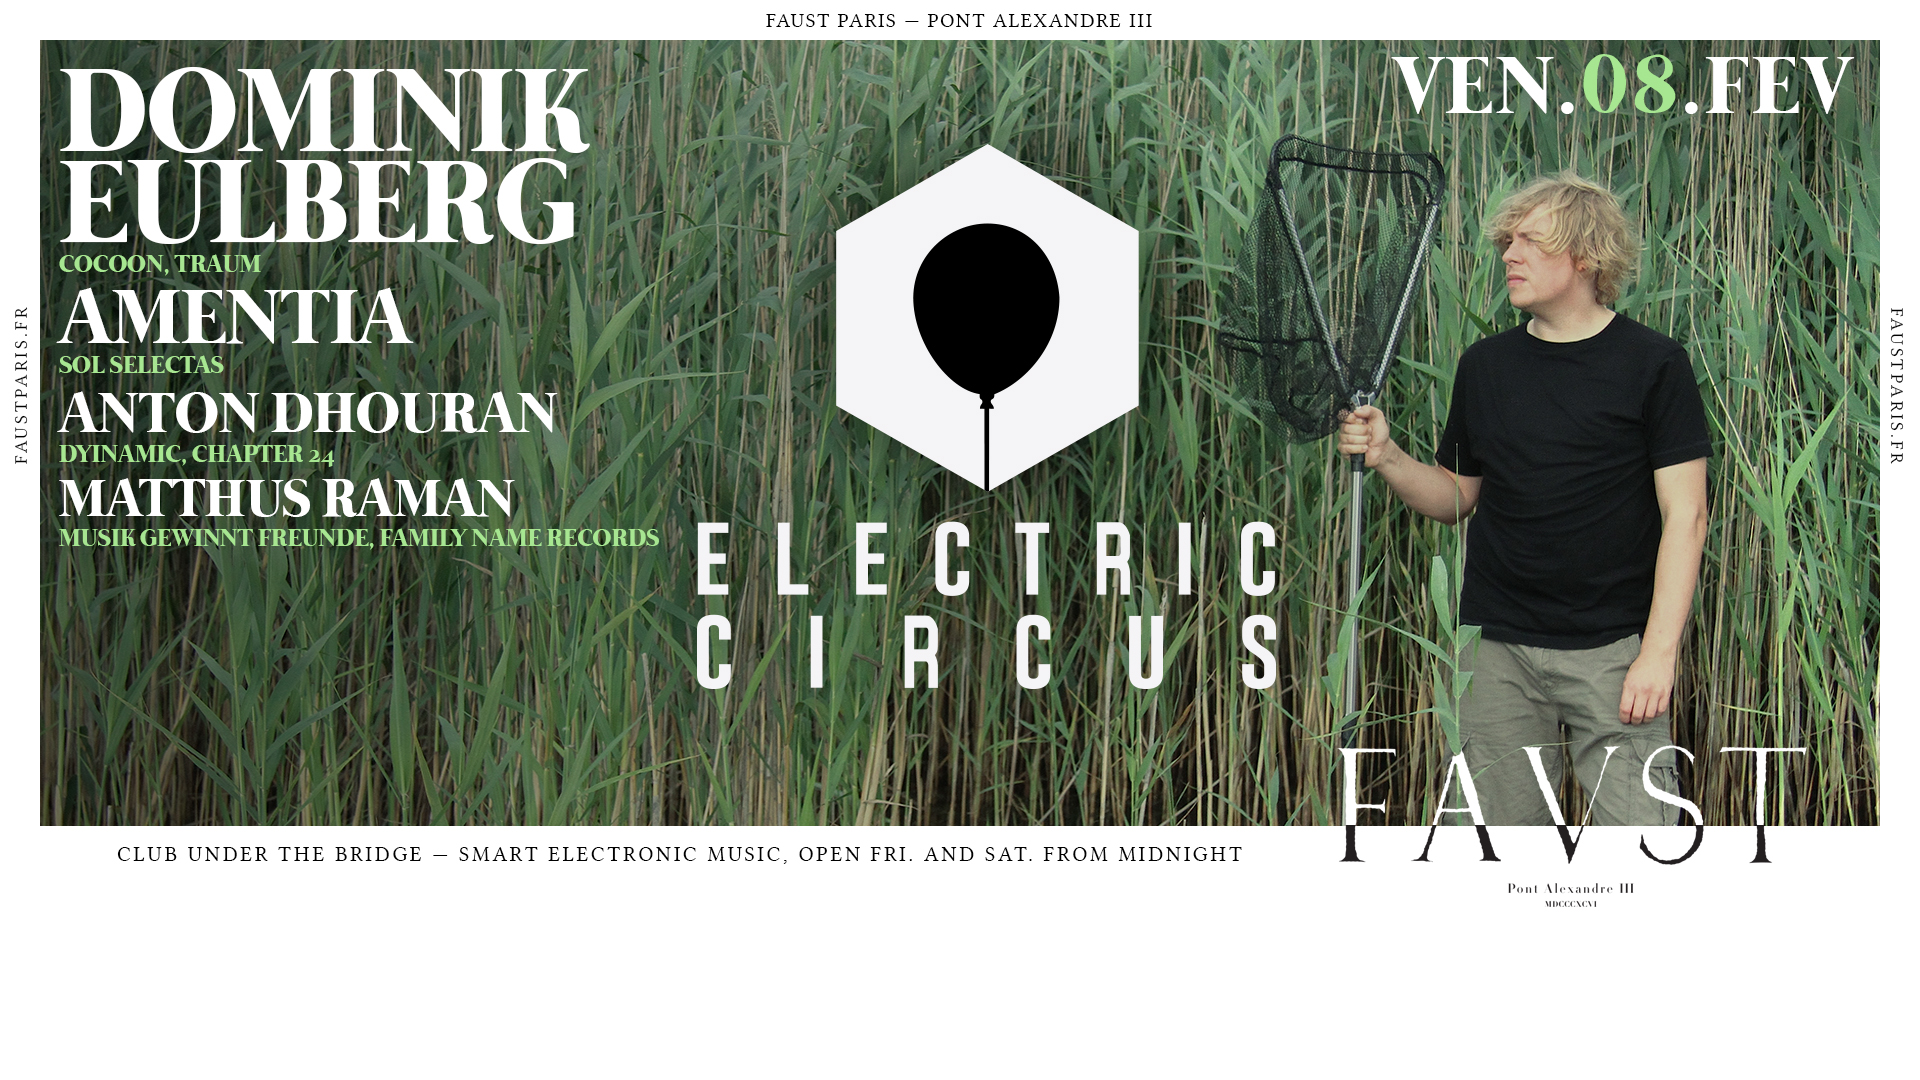 Faust — Electric Circus : Dominik Eulberg, Amentia, AntonDhouran